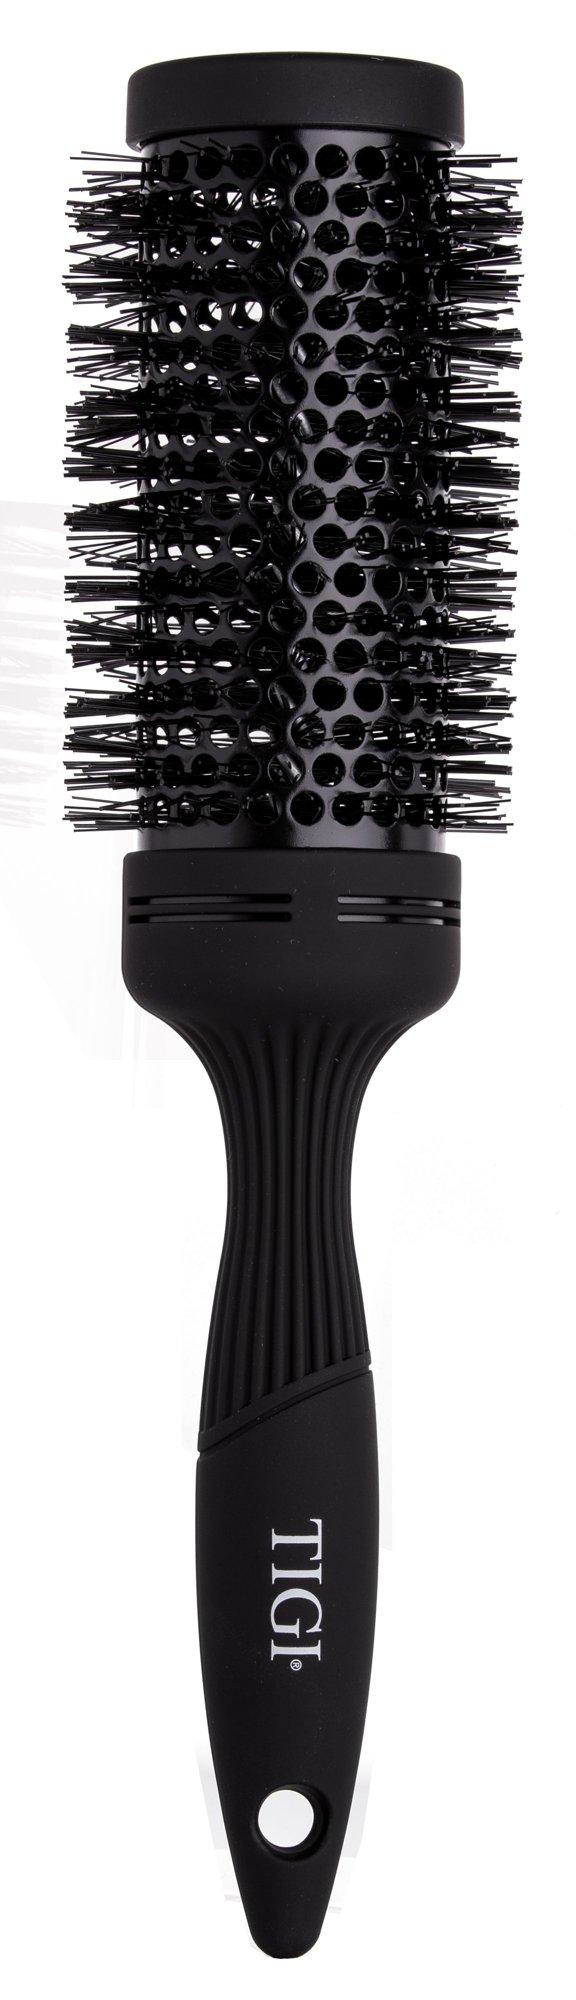 Plaukų šepetys Tigi Pro Large Round Brush 60mm